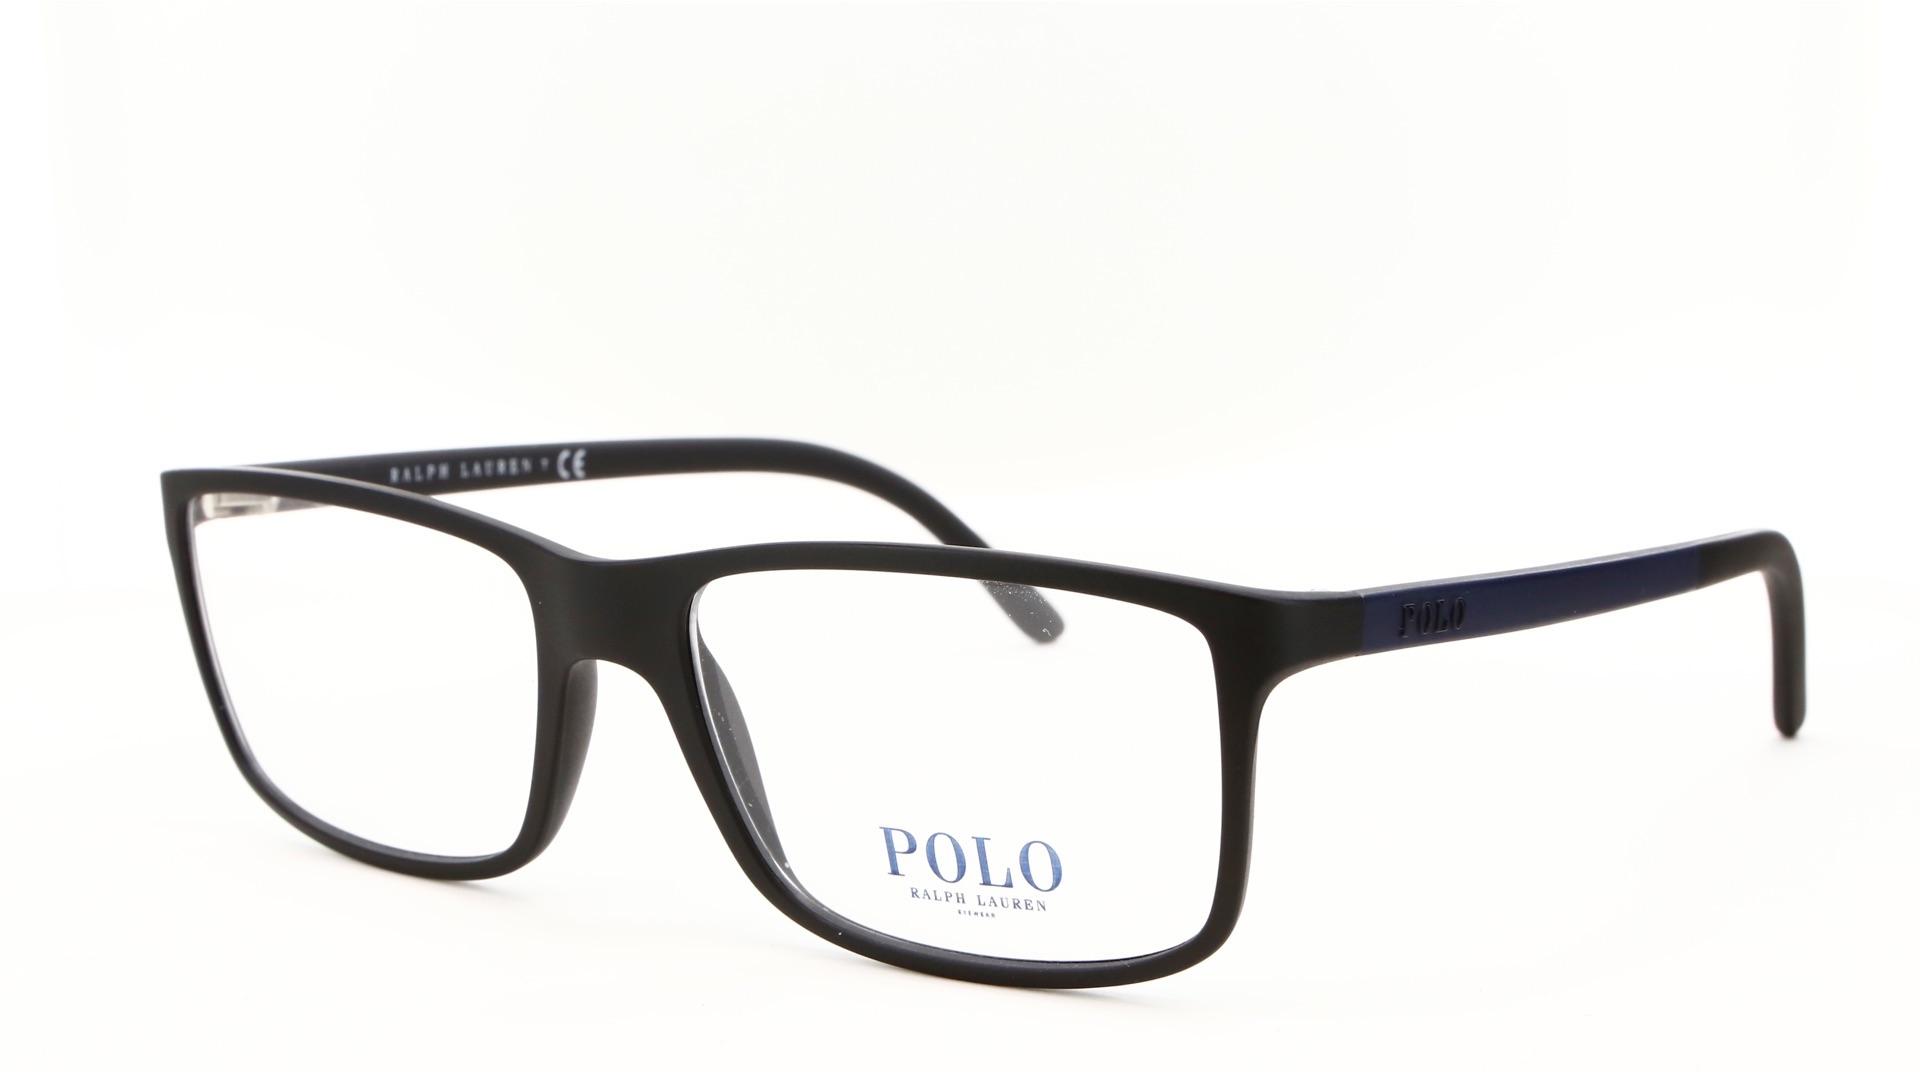 Polo Ralph Lauren - ref: 71952